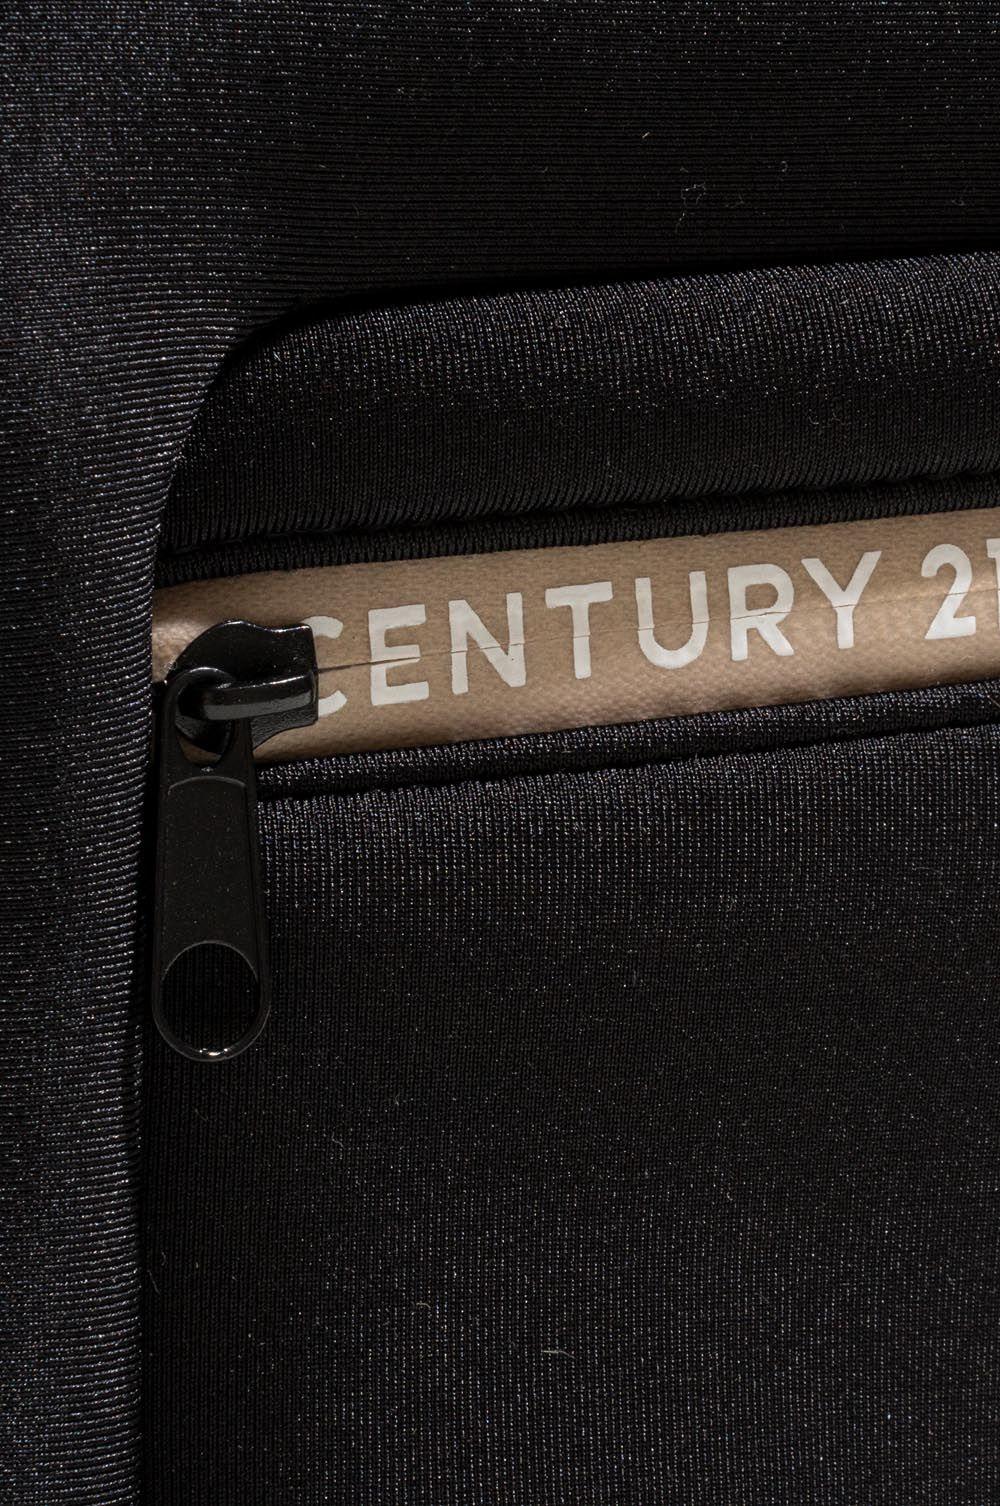 Backpack zipper